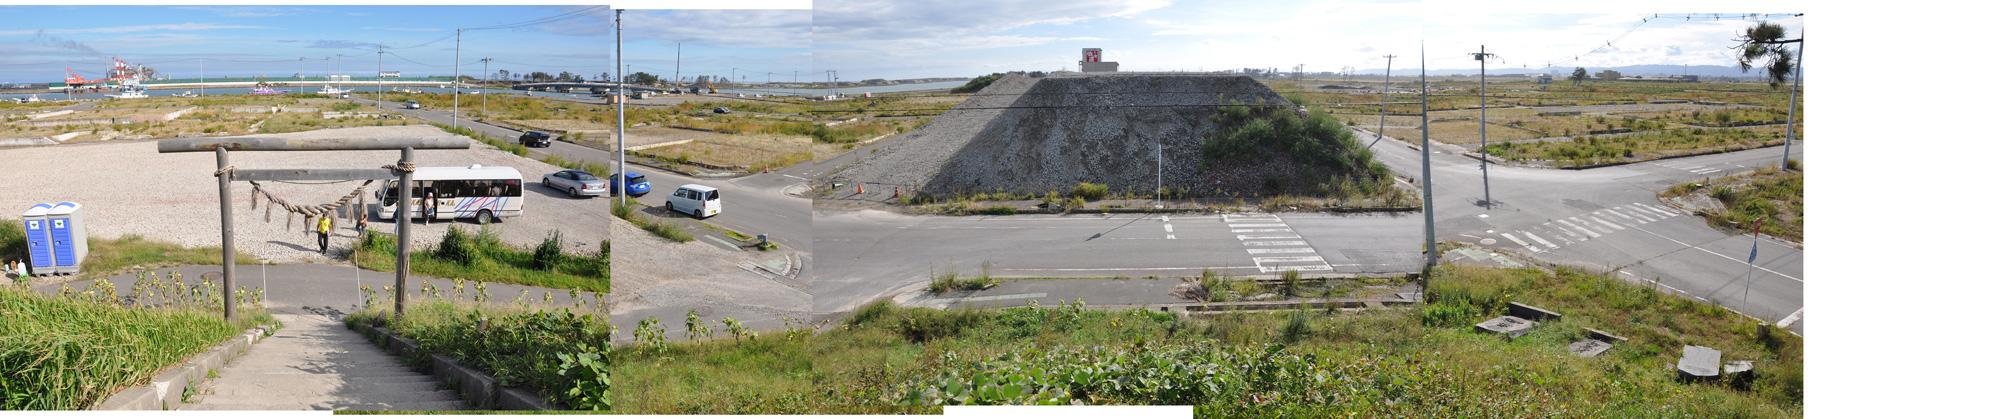 閖上日和山定点観測(東南東-西南西)2012年9月